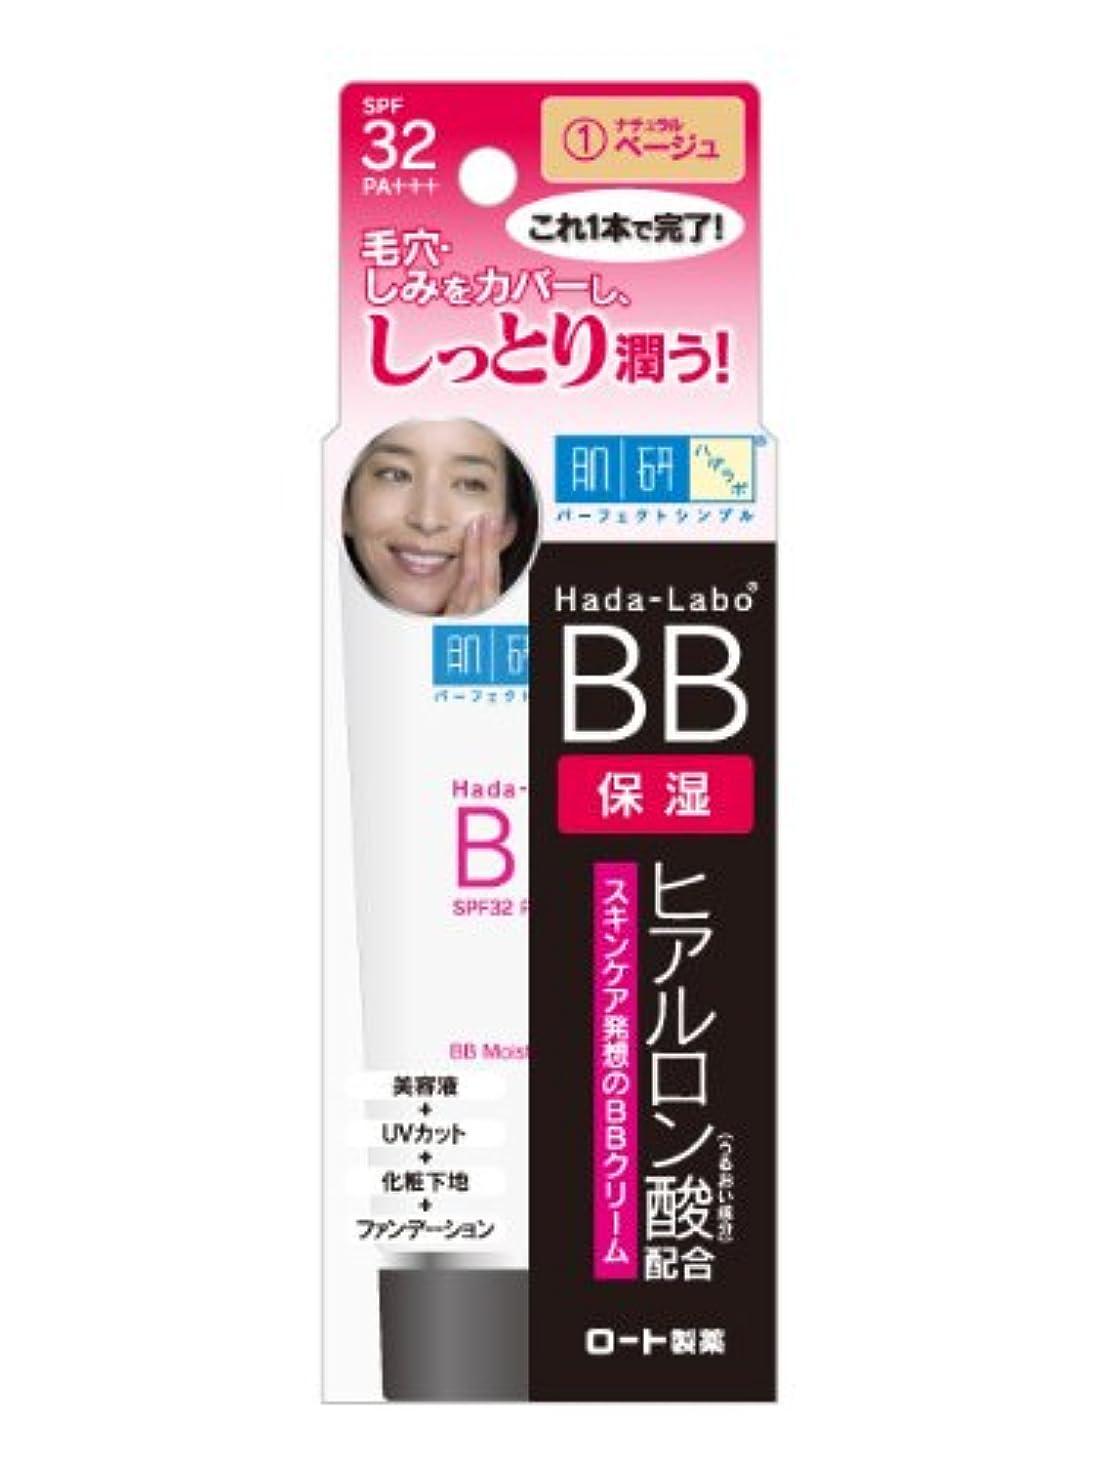 排気配偶者彫る肌研(ハダラボ) ヒアルロン BBクリーム (ナチュラルベージュ) 45g